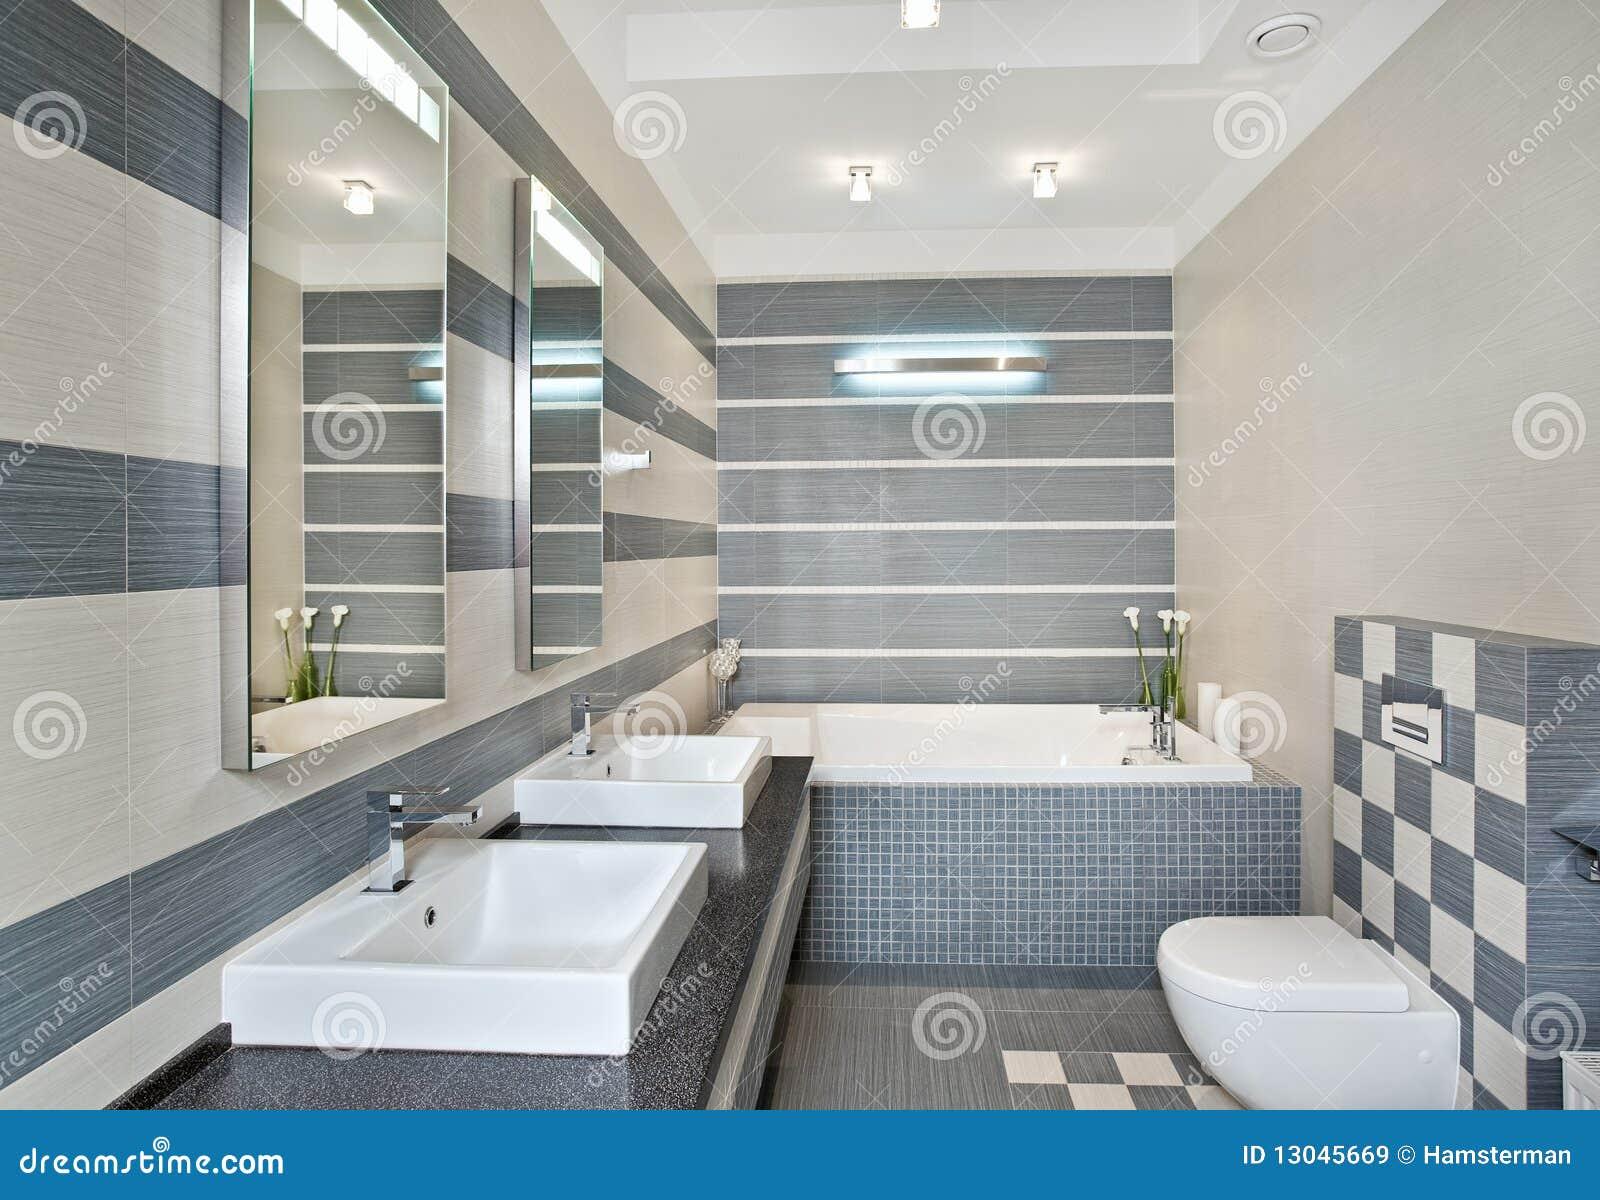 Moderne Badkamers In Blauwe En Grijze Tonen Met Mozaïek Royalty ...